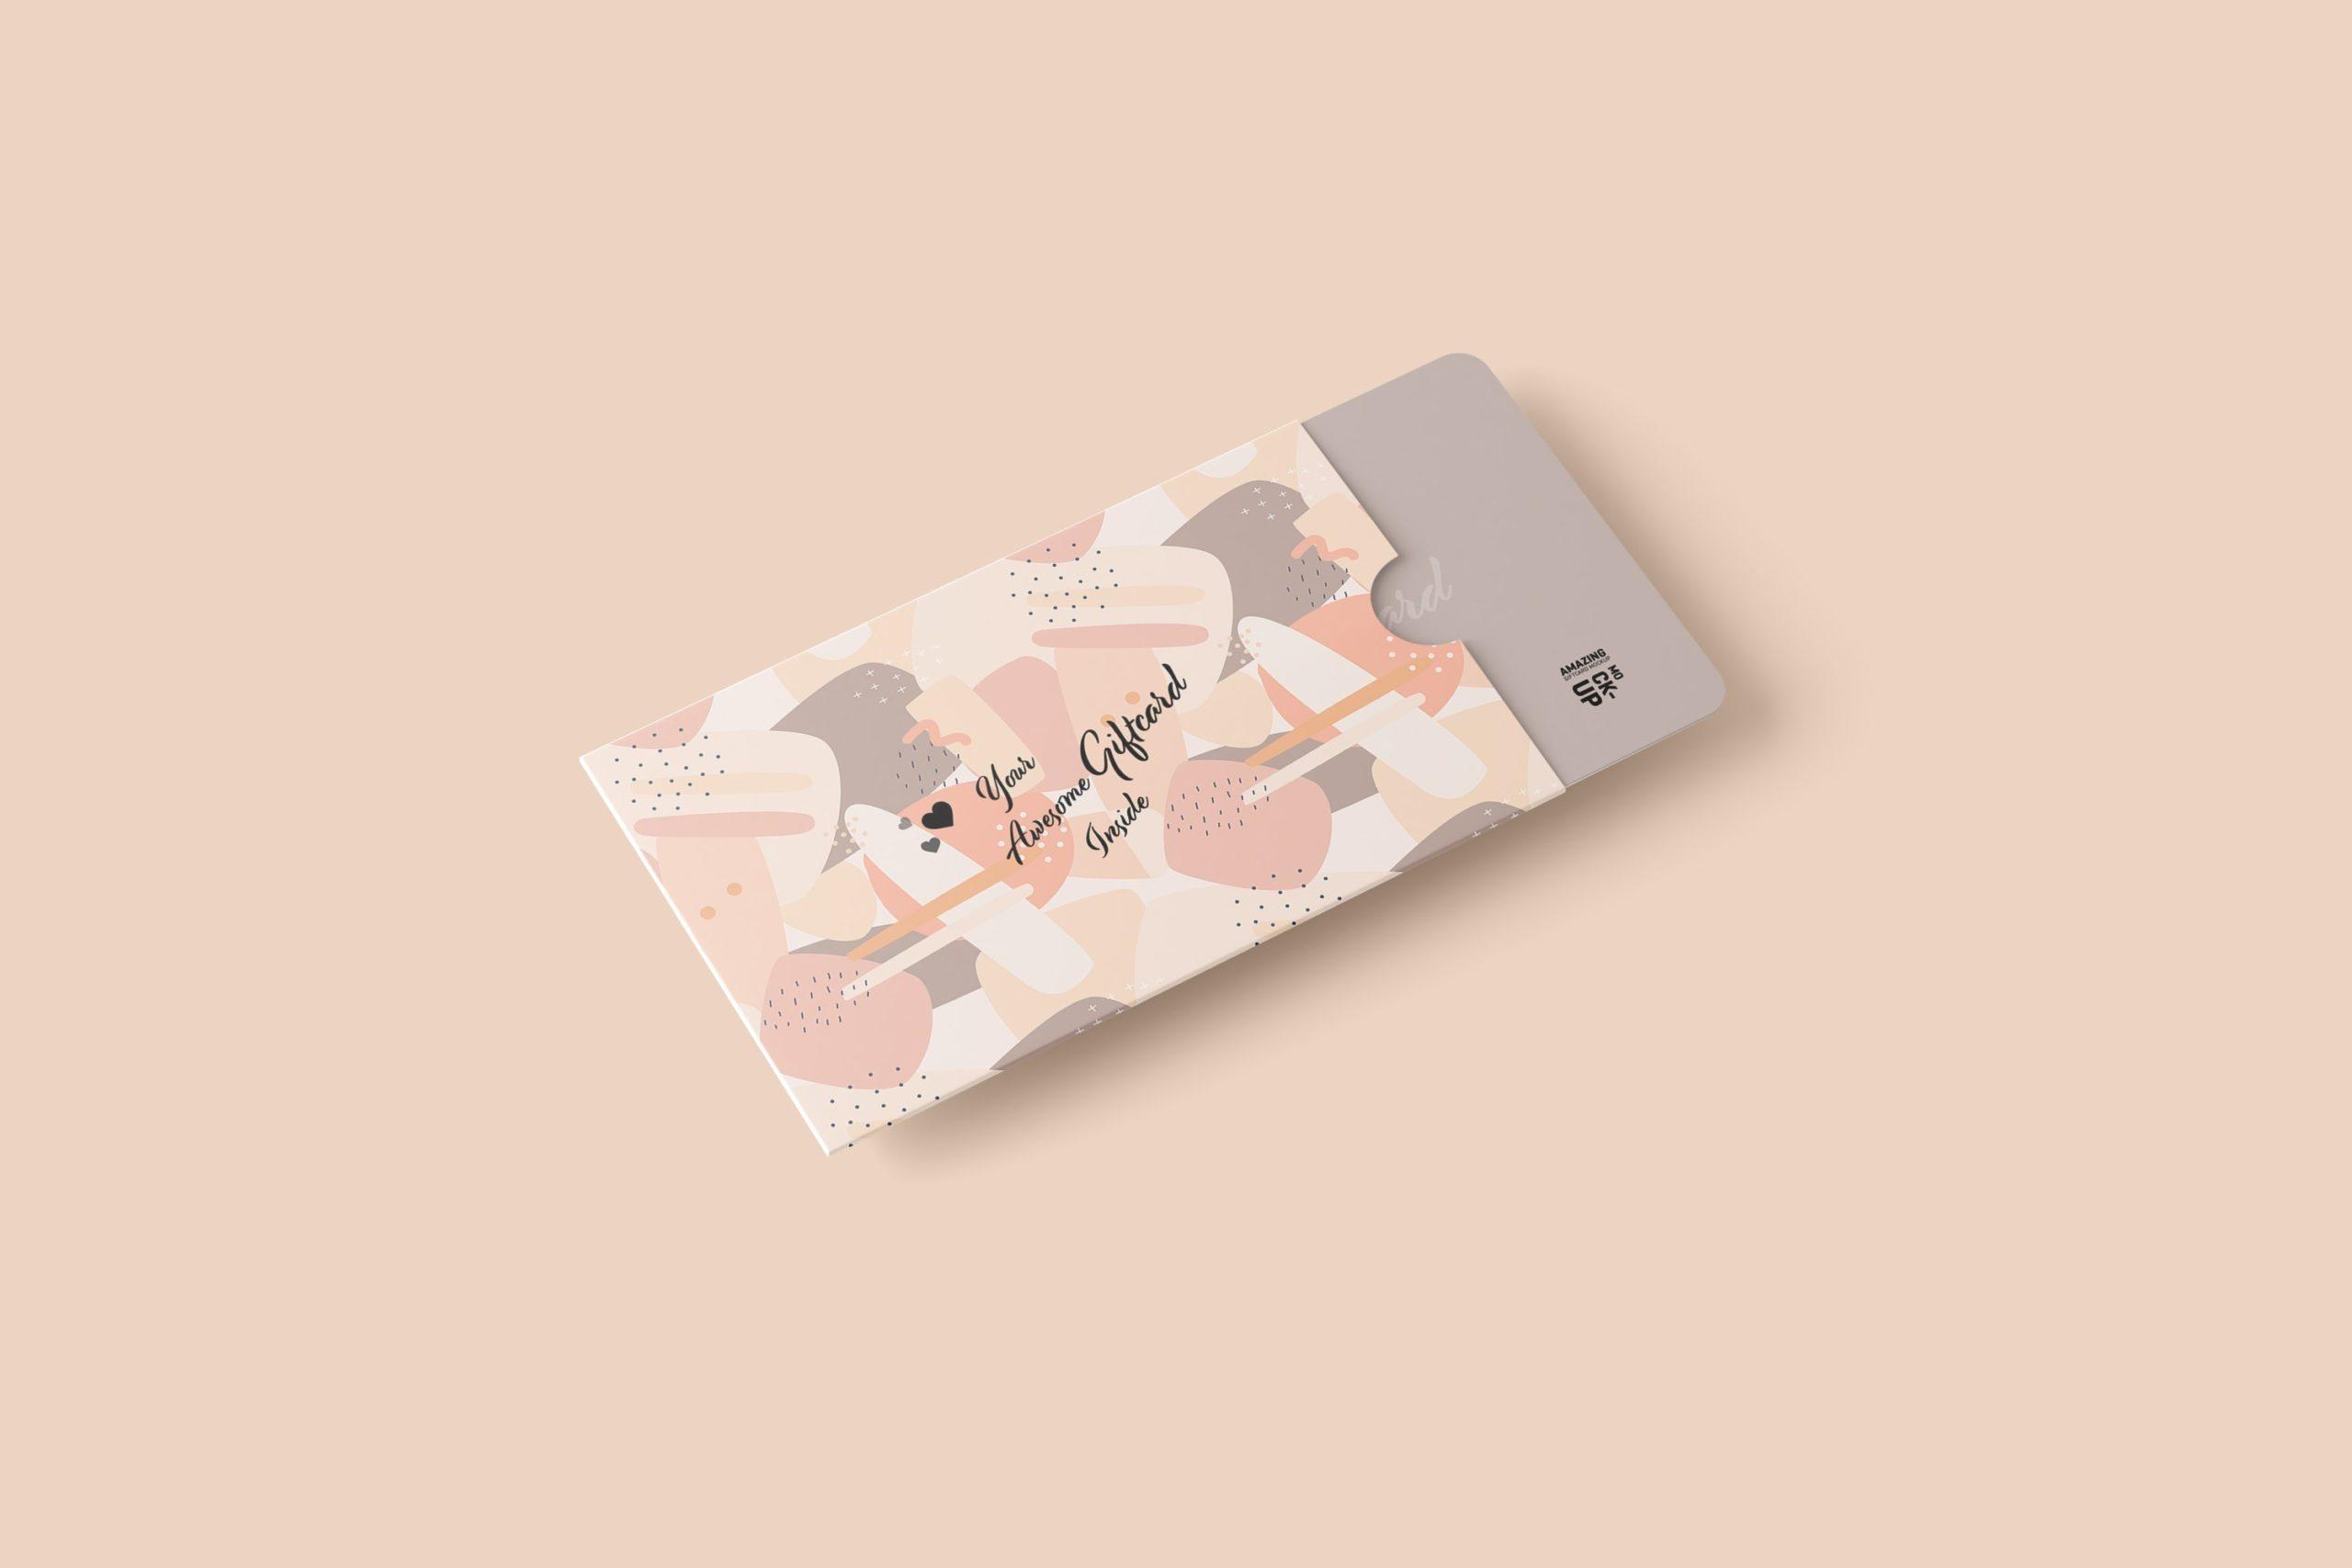 11款名片礼品卡设计展示贴图样机模板 Gift Card Mockup插图6